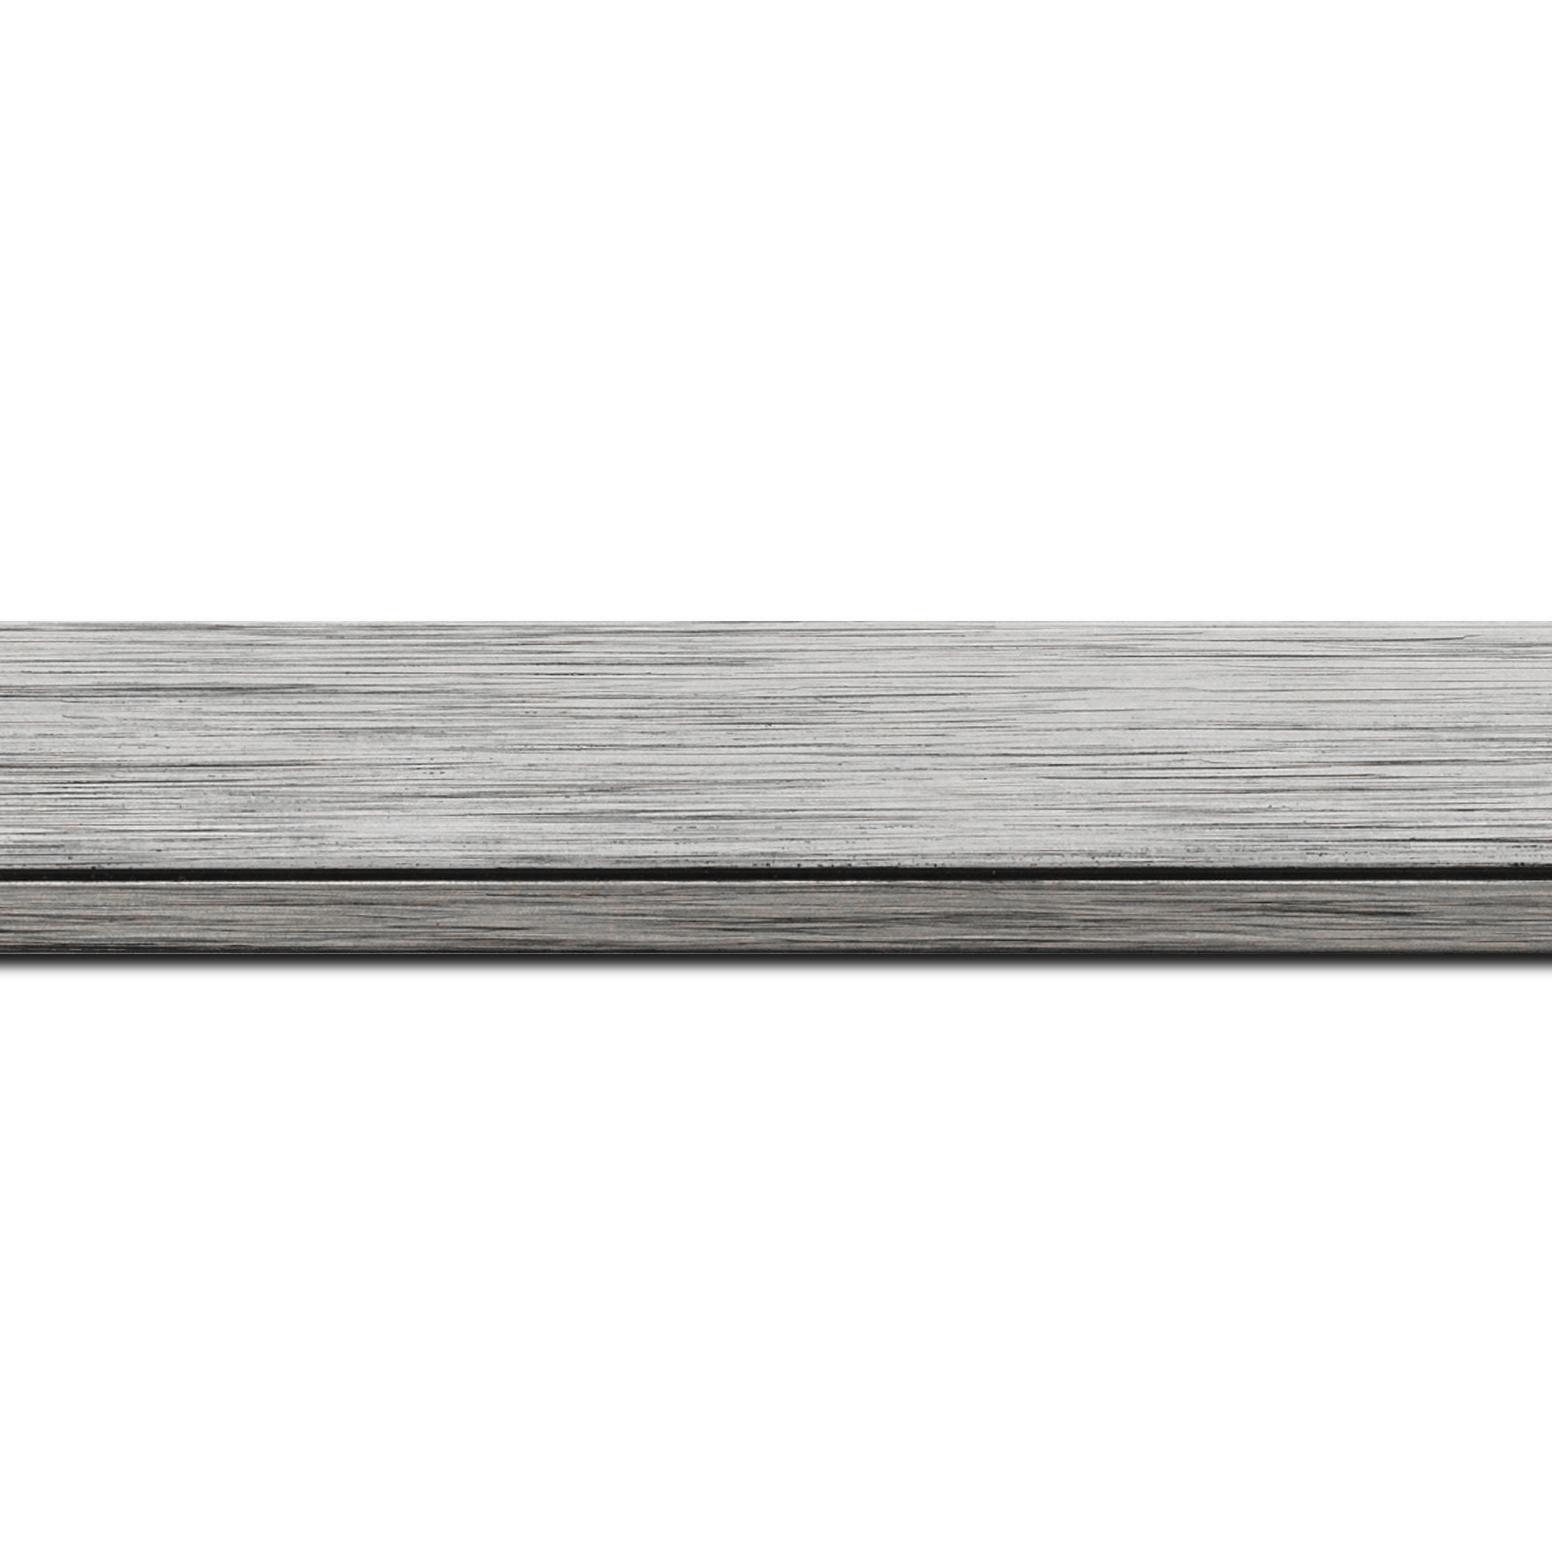 Pack par 12m, bois profil plat largeur 3.3cm couleur argent filet plomb(longueur baguette pouvant varier entre 2.40m et 3m selon arrivage des bois)